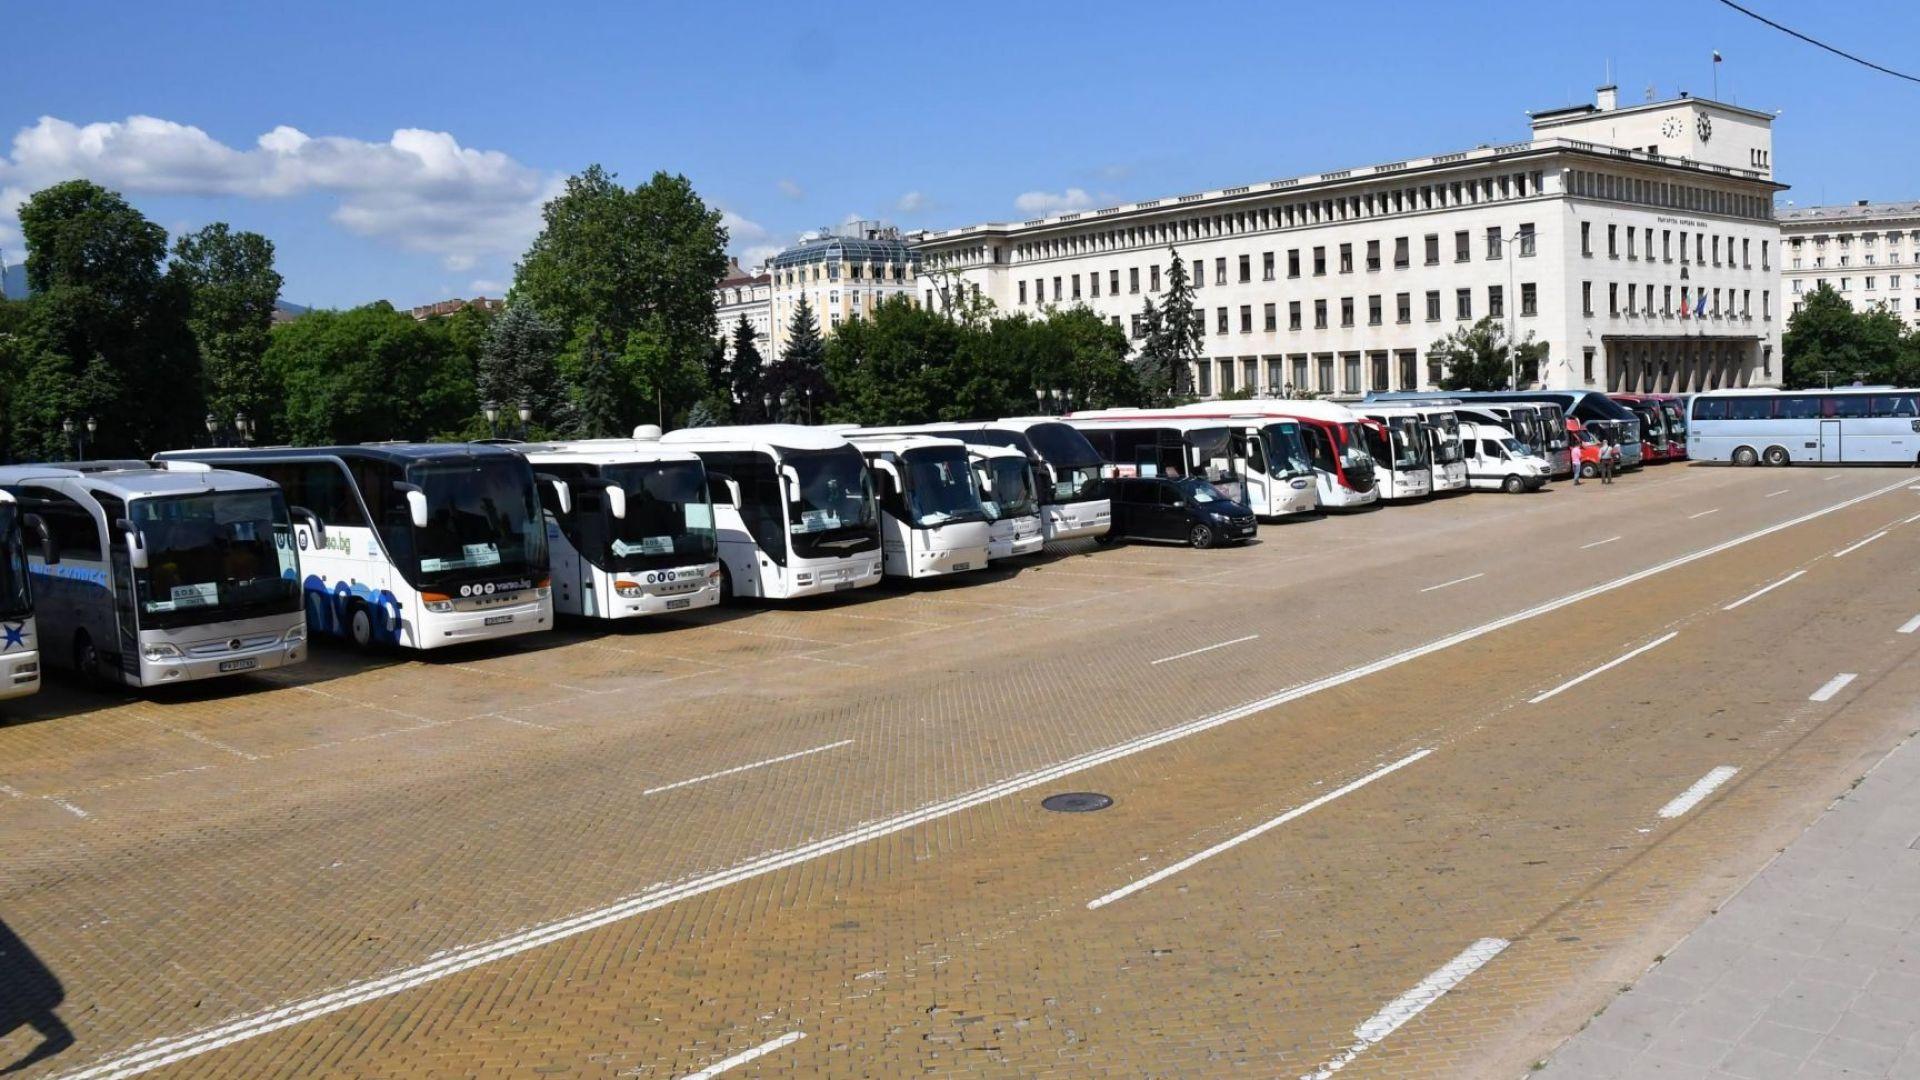 Протест на туристическия бранш, 100 автобуса се събраха в центъра на София (снимки)